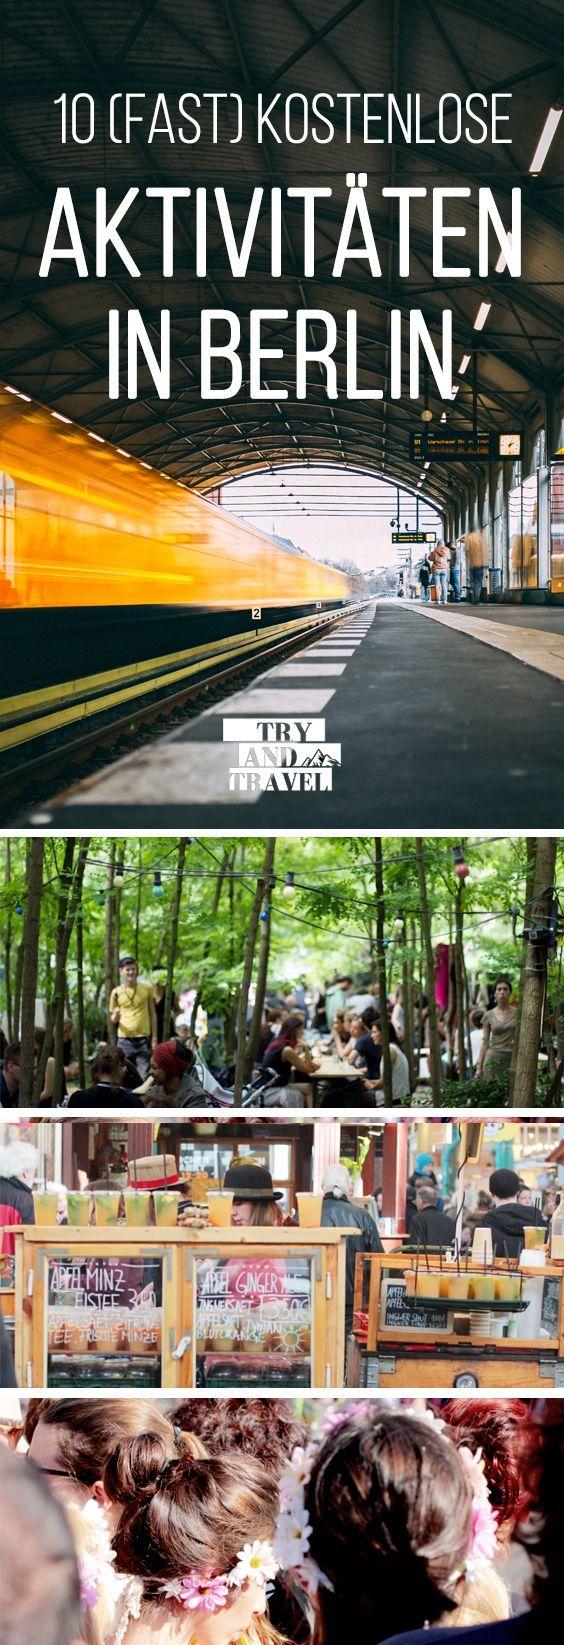 10 (fast) kostenlose Aktivitäten in Berlin und die echt einen Besuch wert sind!